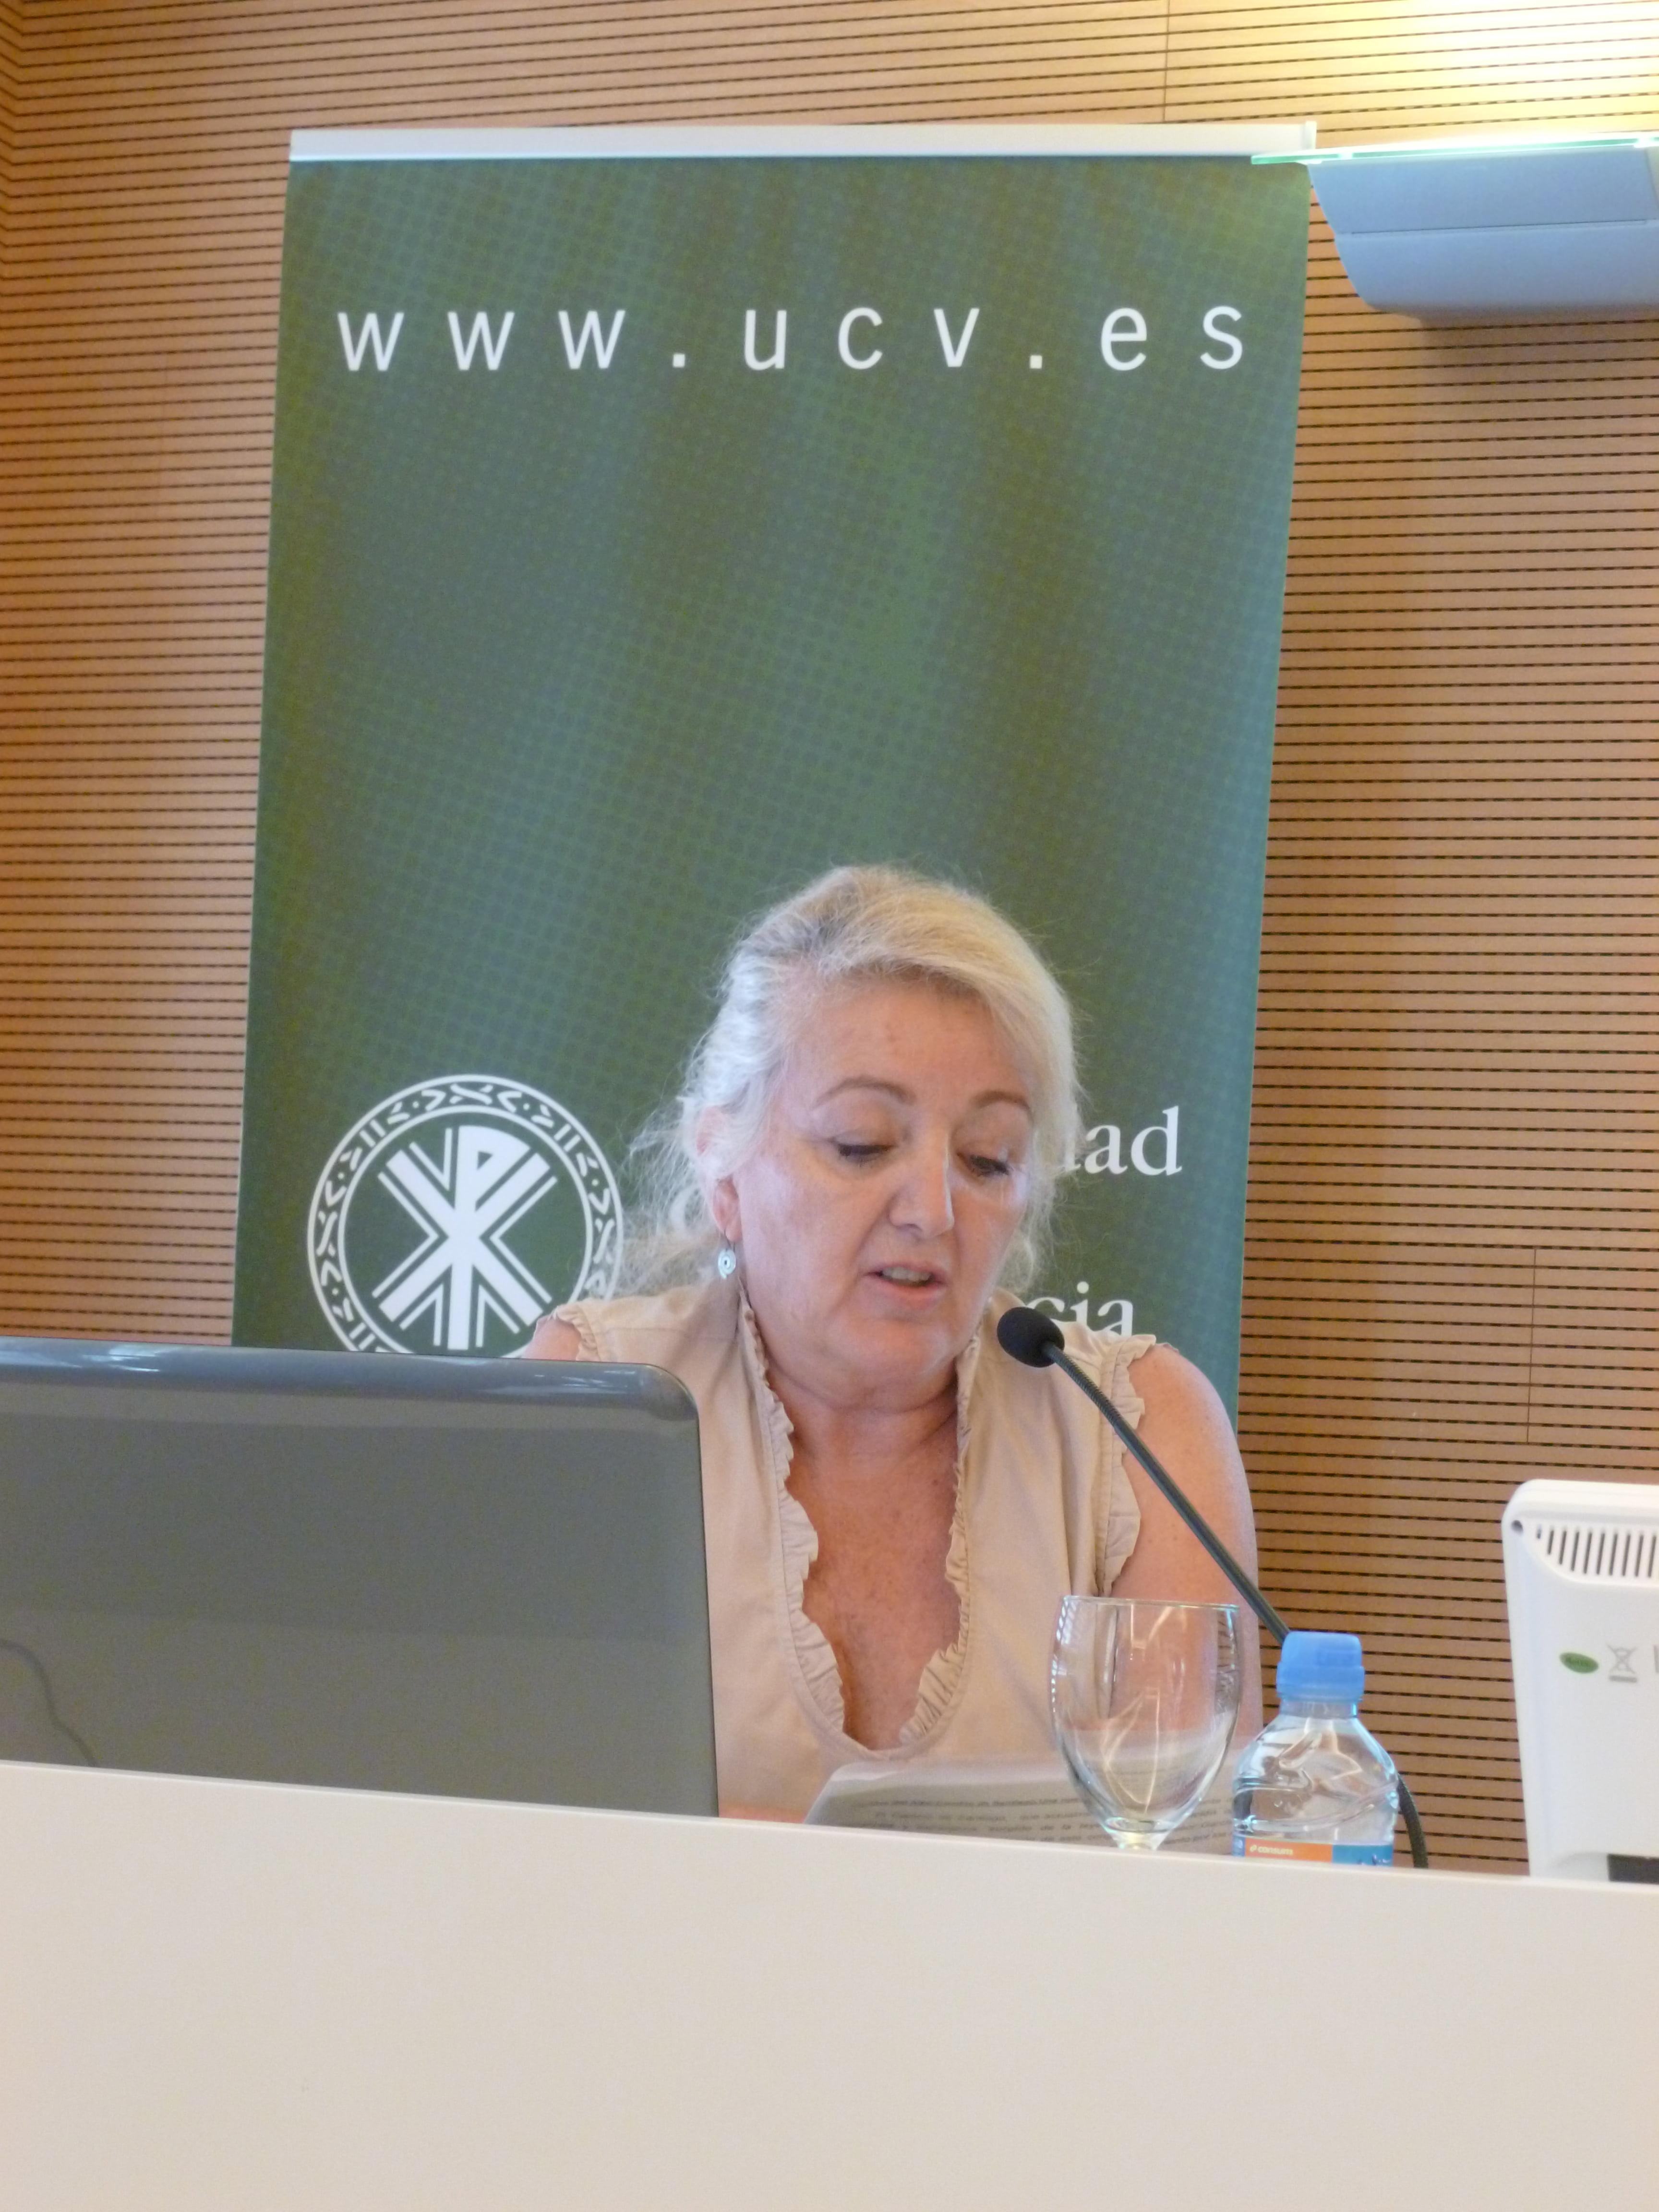 Ana Watt presentando el Camino de Santiago desde Xàbia en 2015 en el Congreso de Historia Comarcal celebrado en Valencia.